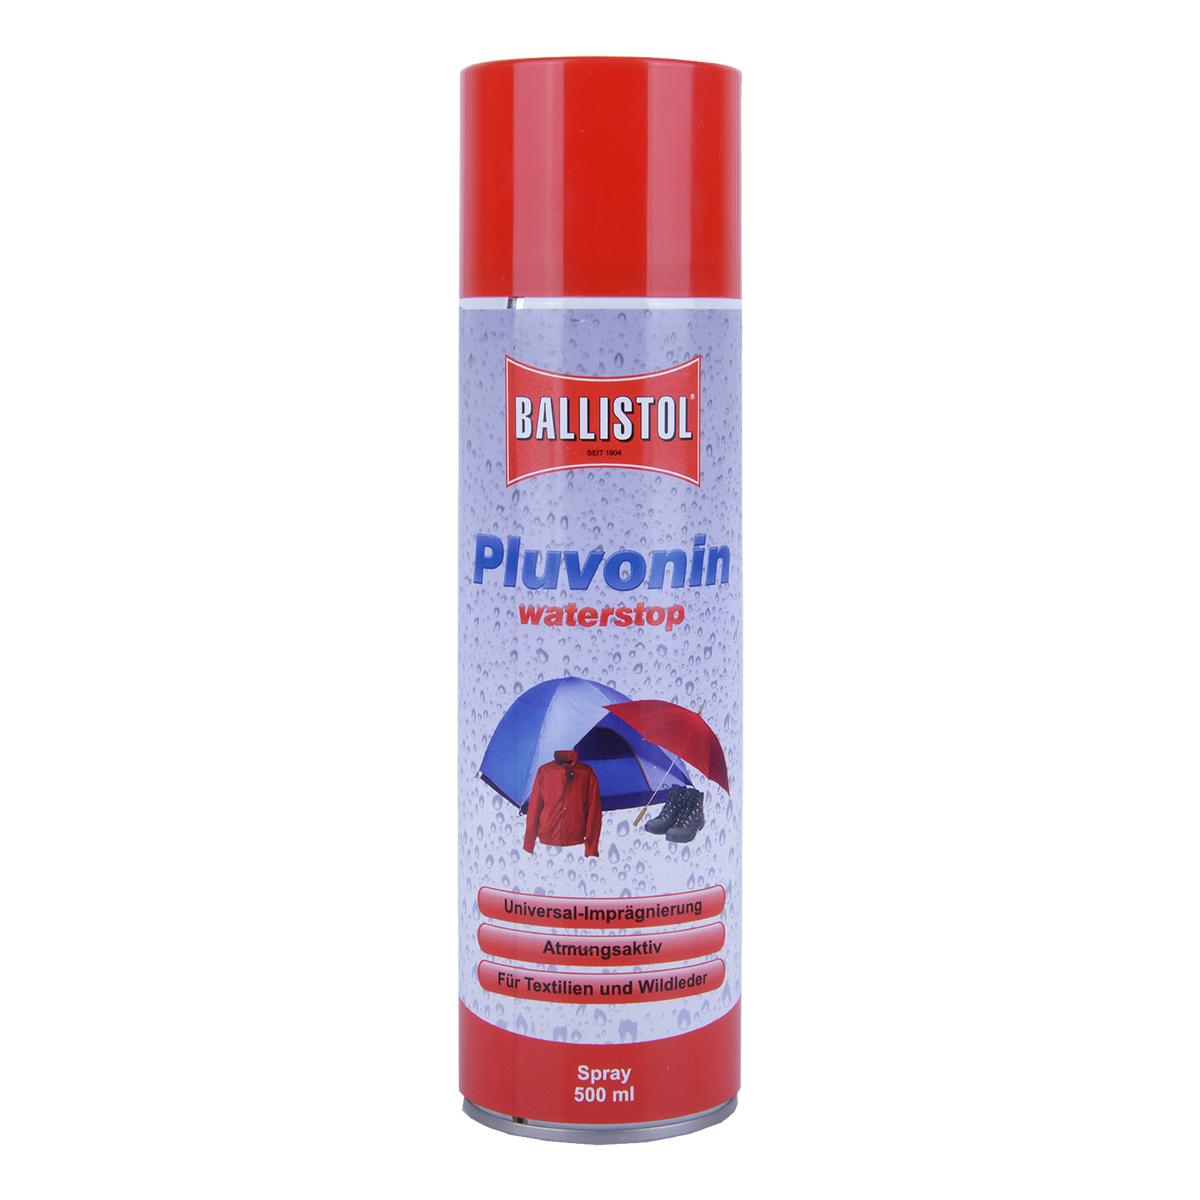 Ballistol Pluvonin Waterstop (Imprägnierspray) im Pareyshop